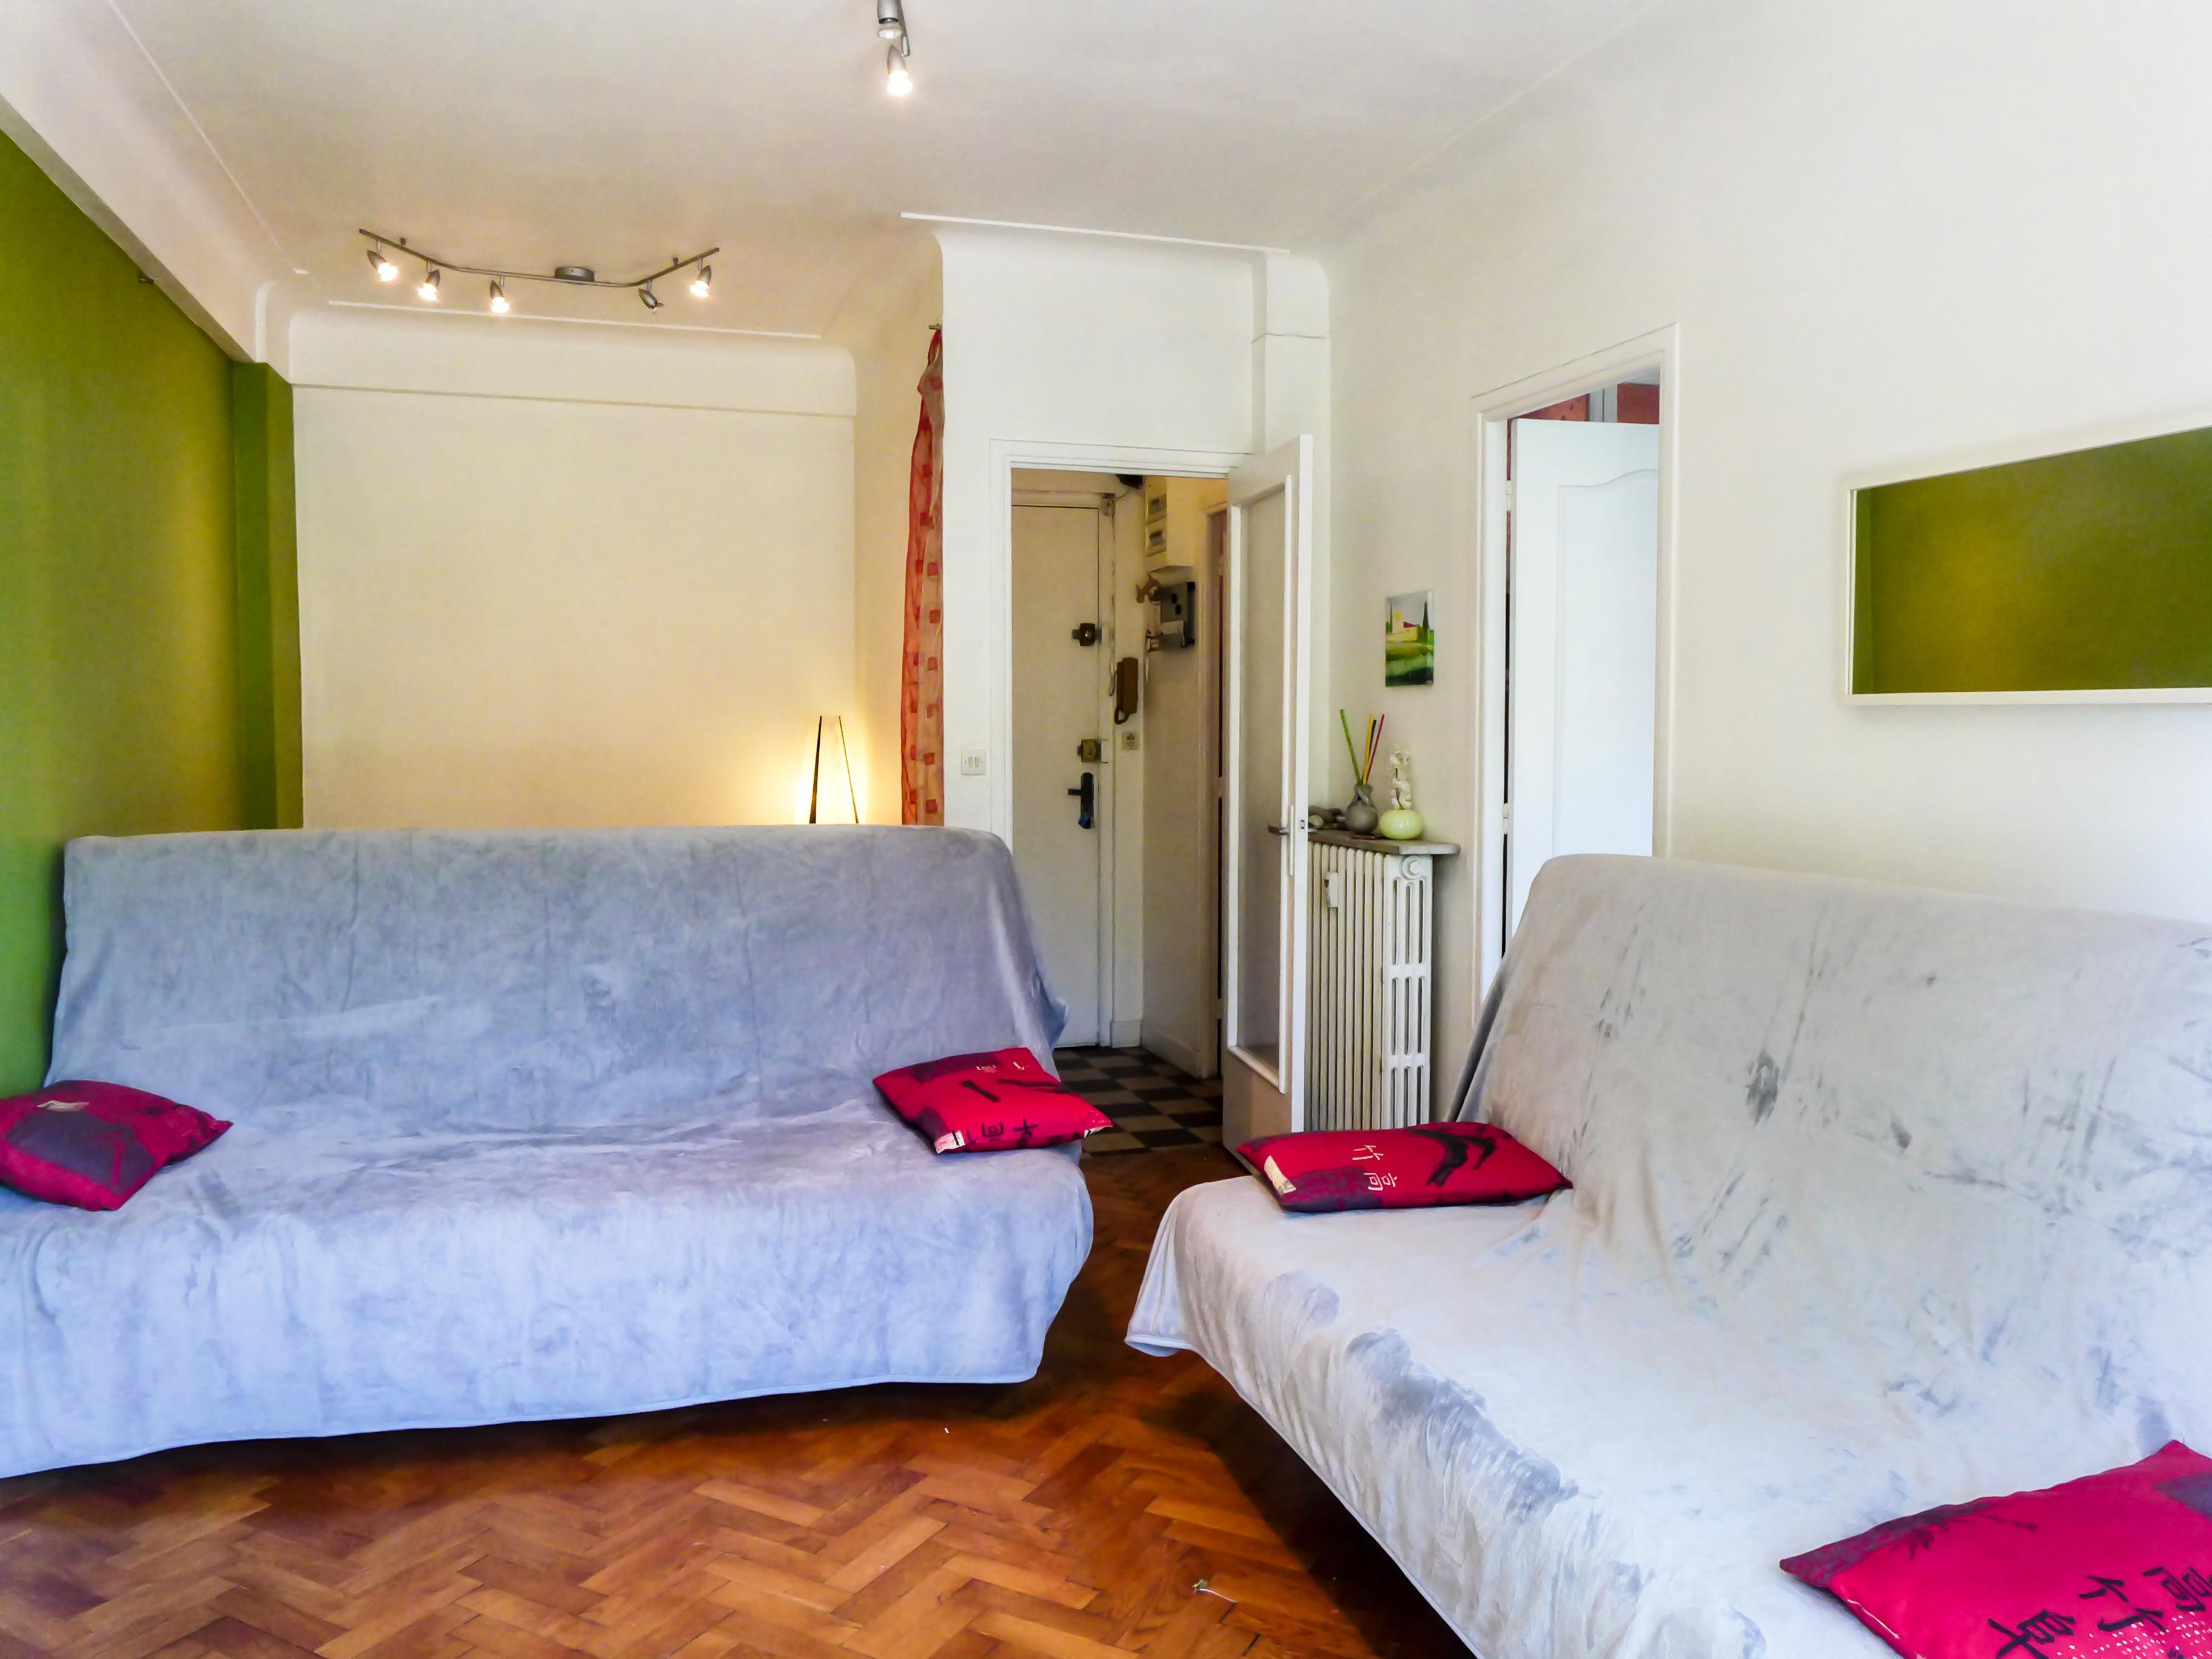 Appartamento les terrasses a nizza francia - Agenzie immobiliari nizza francia ...